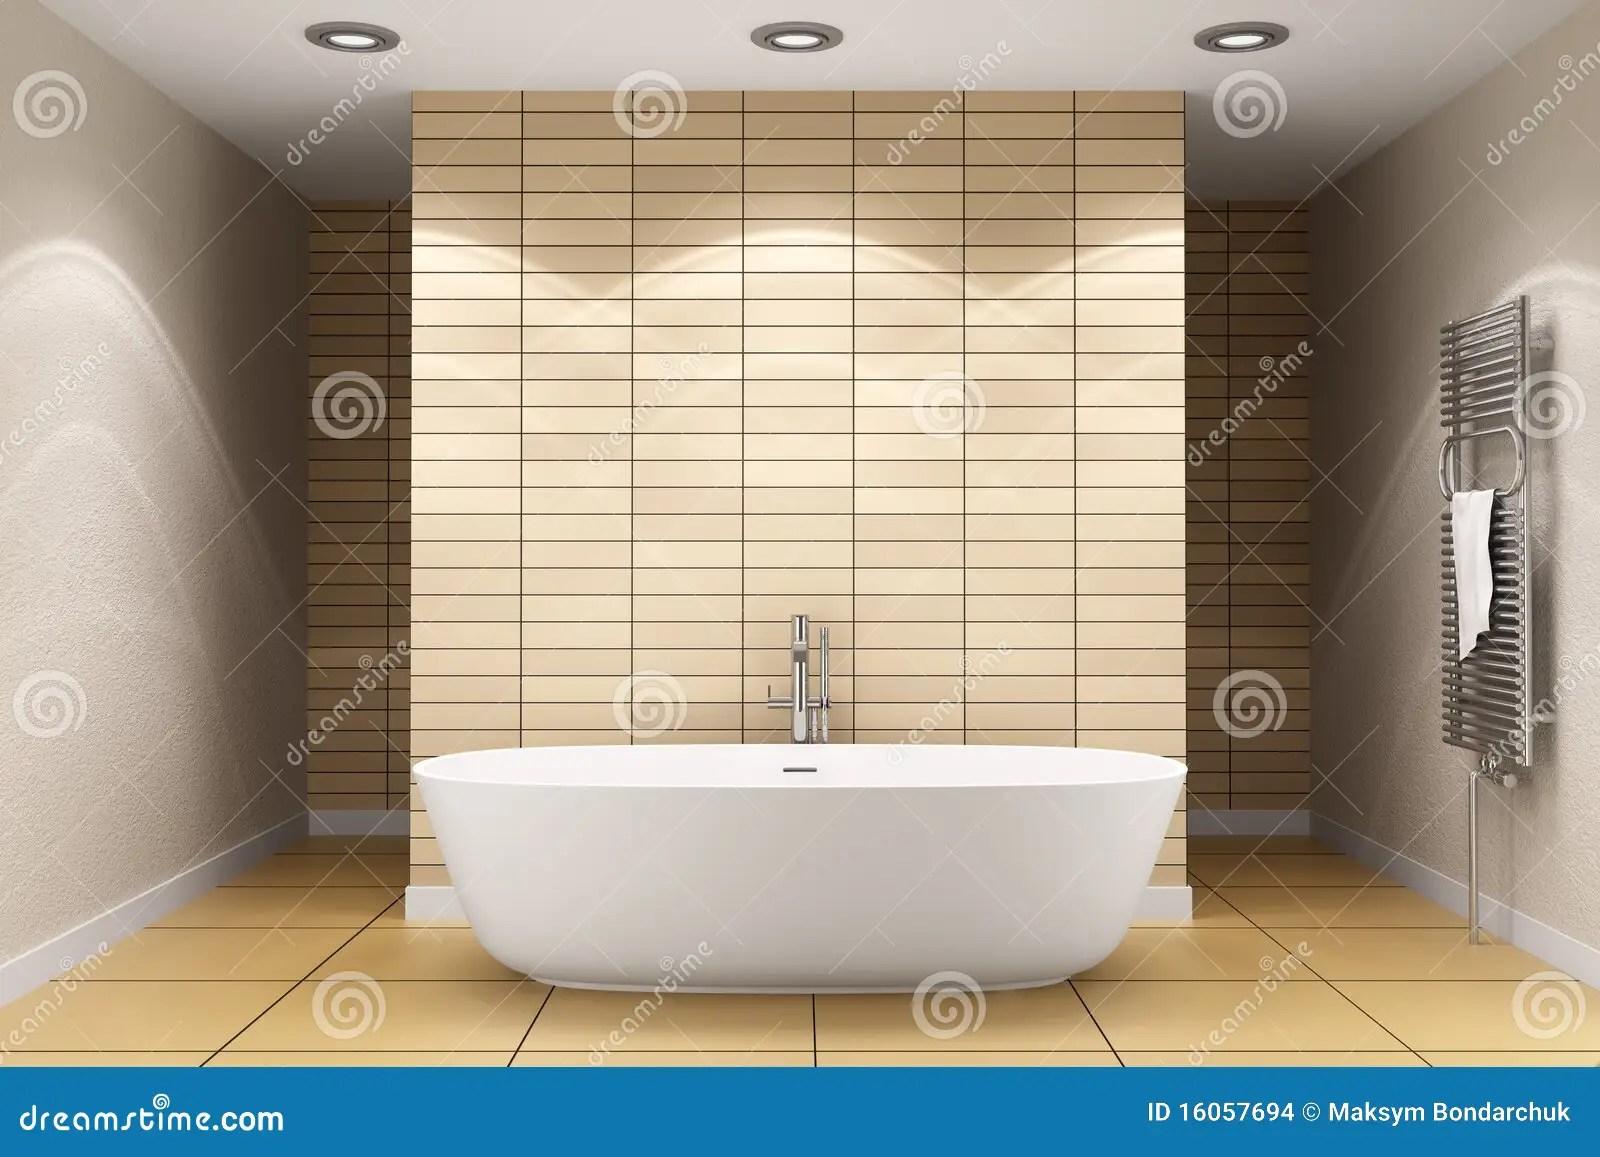 Modernes Badezimmer Mit Beige Fliesen Auf Wand Stockfoto  Bild von beige eleganz 16057694